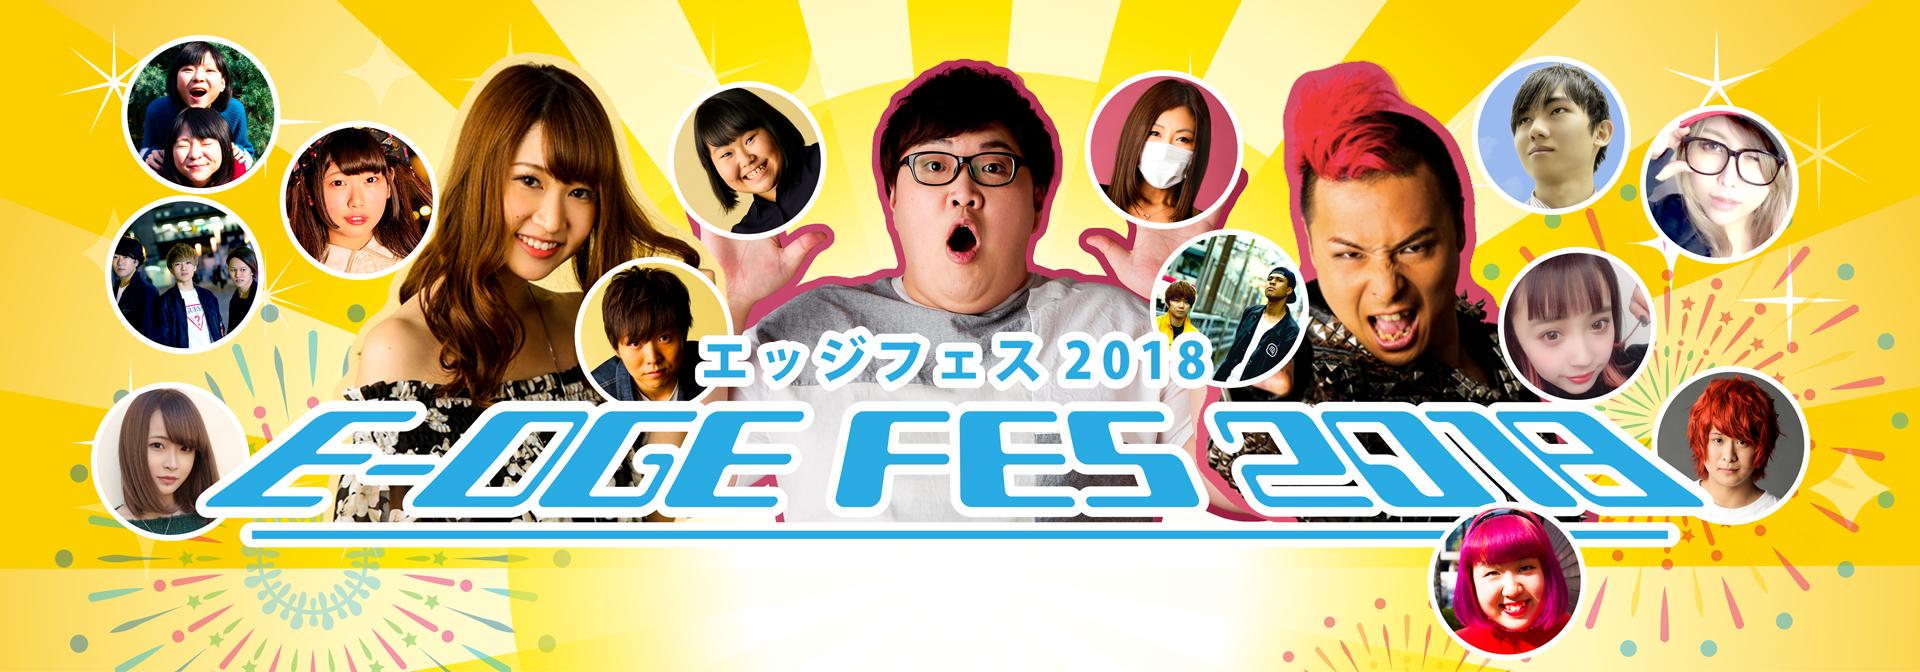 E-DGE FES 2018